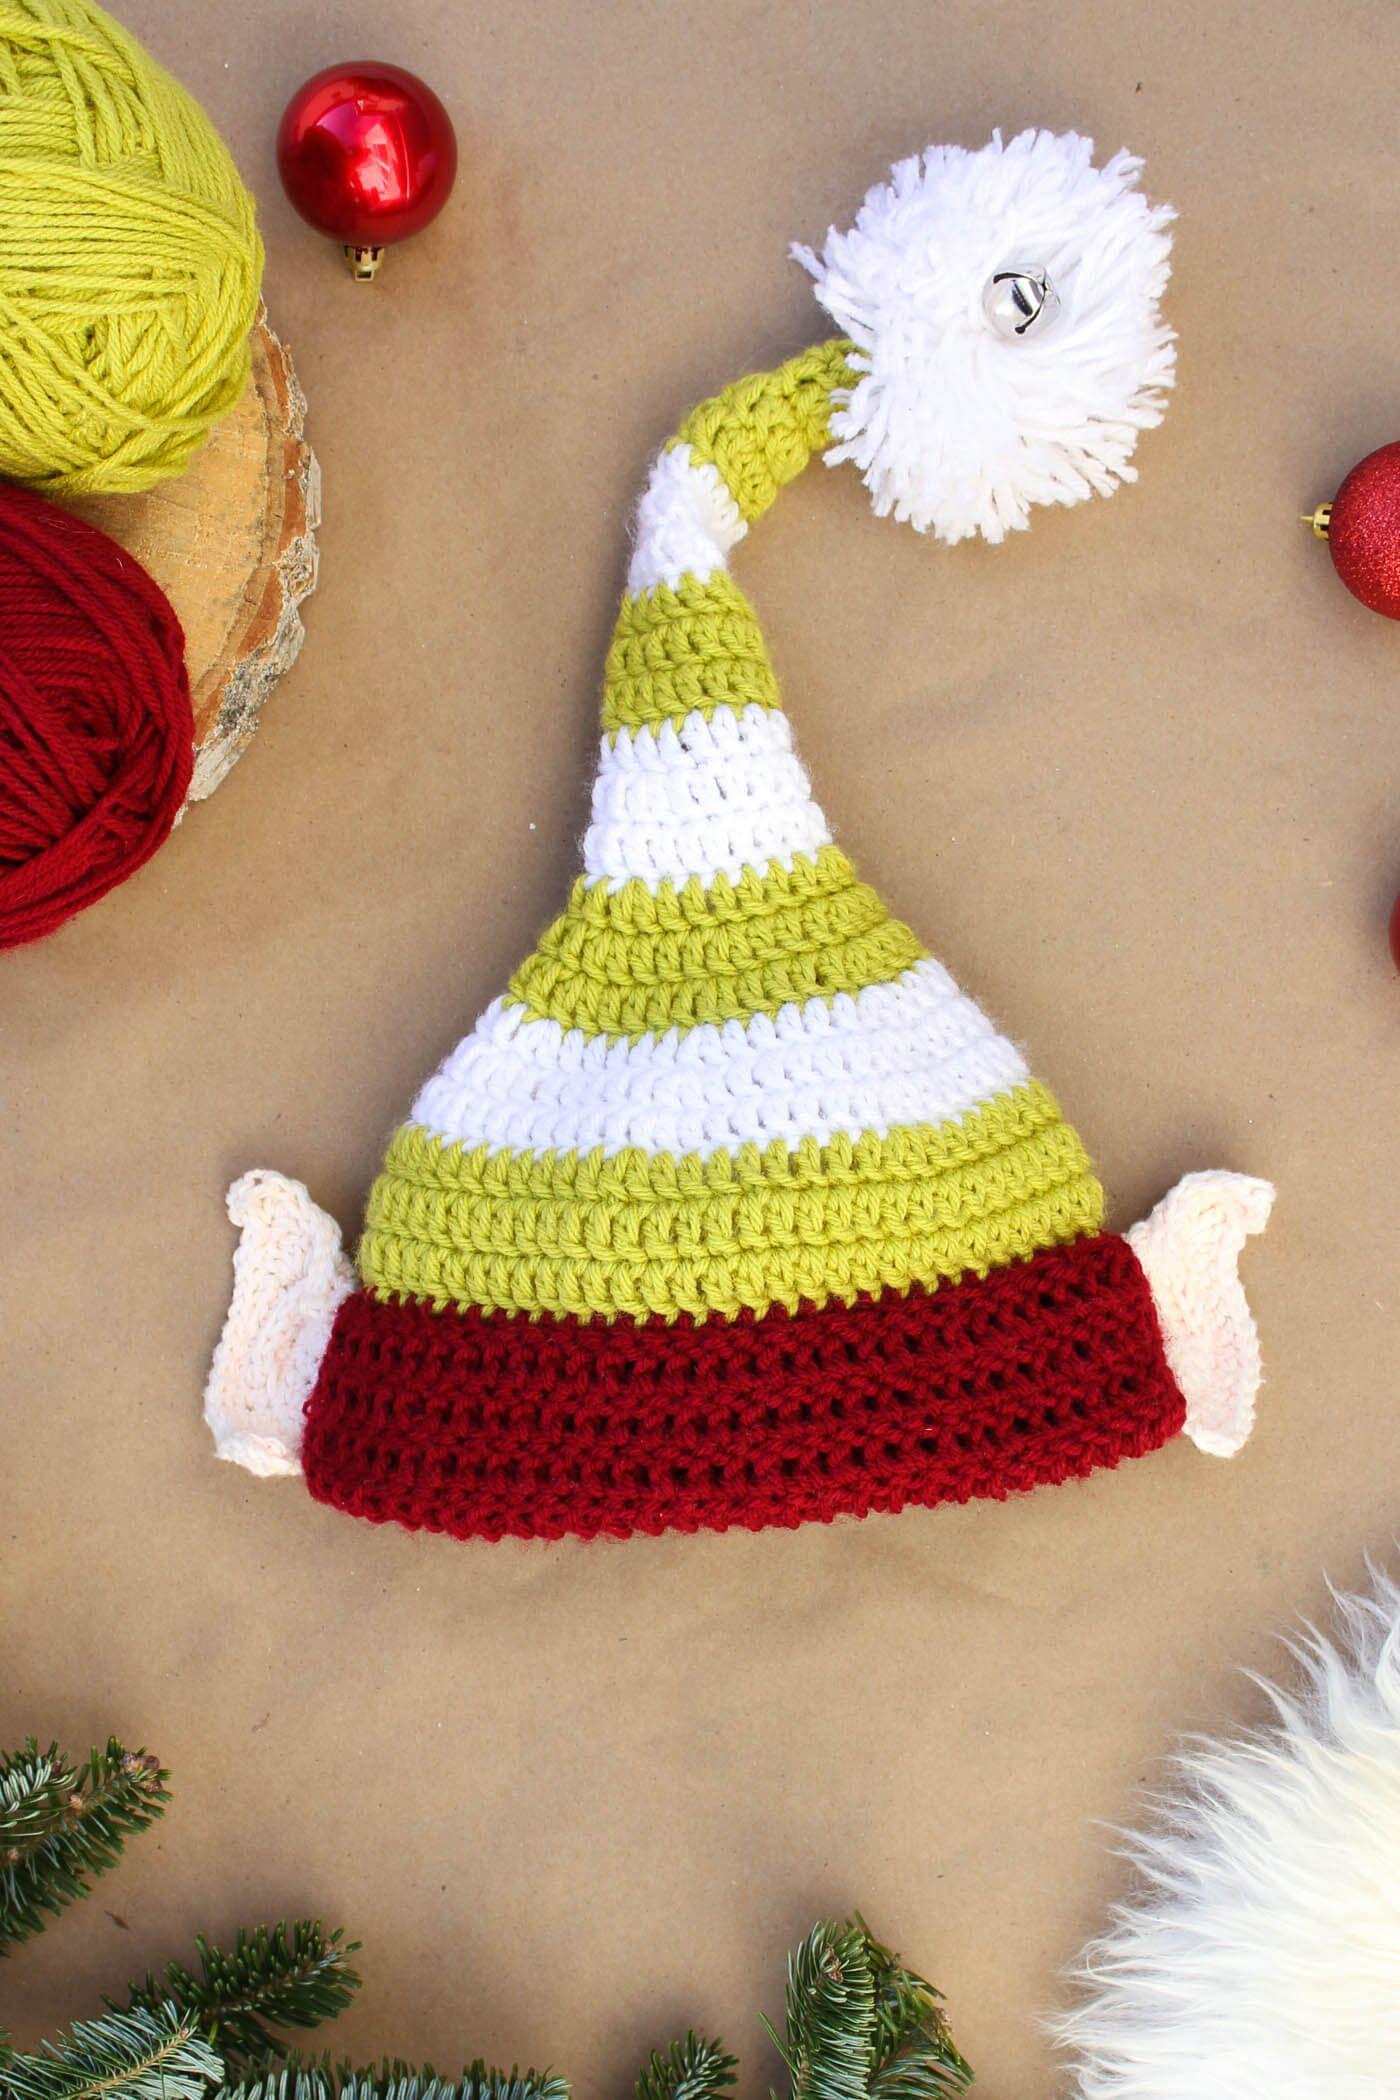 Snowflake Pattern - Free C2C Crochet Graph